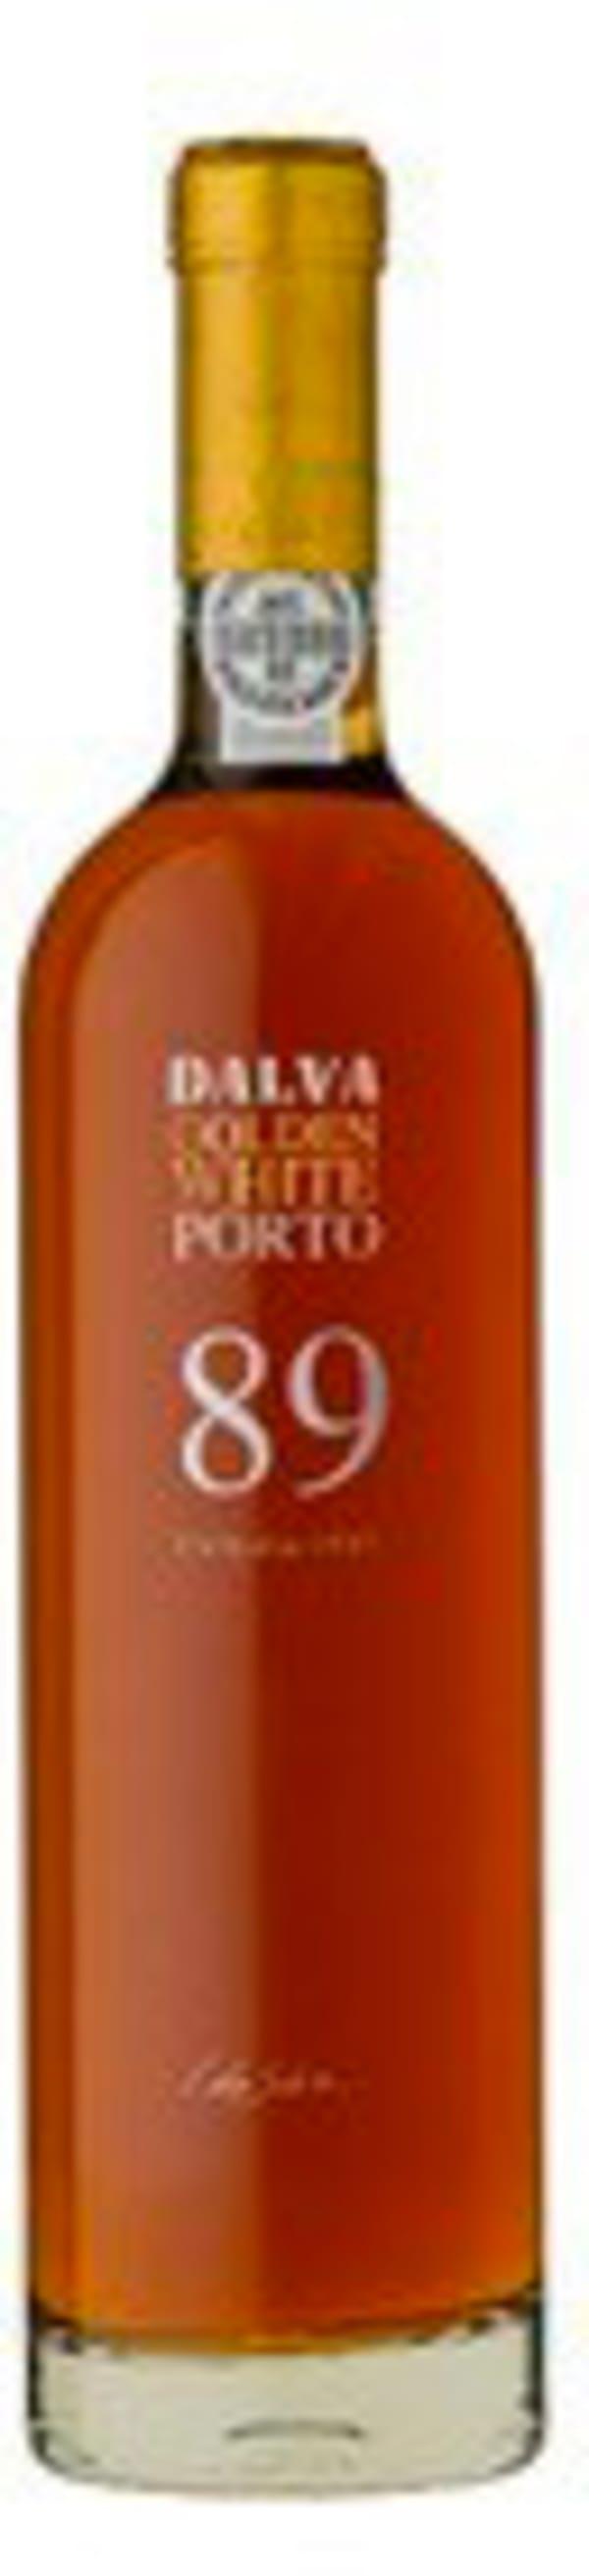 Dalva Golden White Port 1989